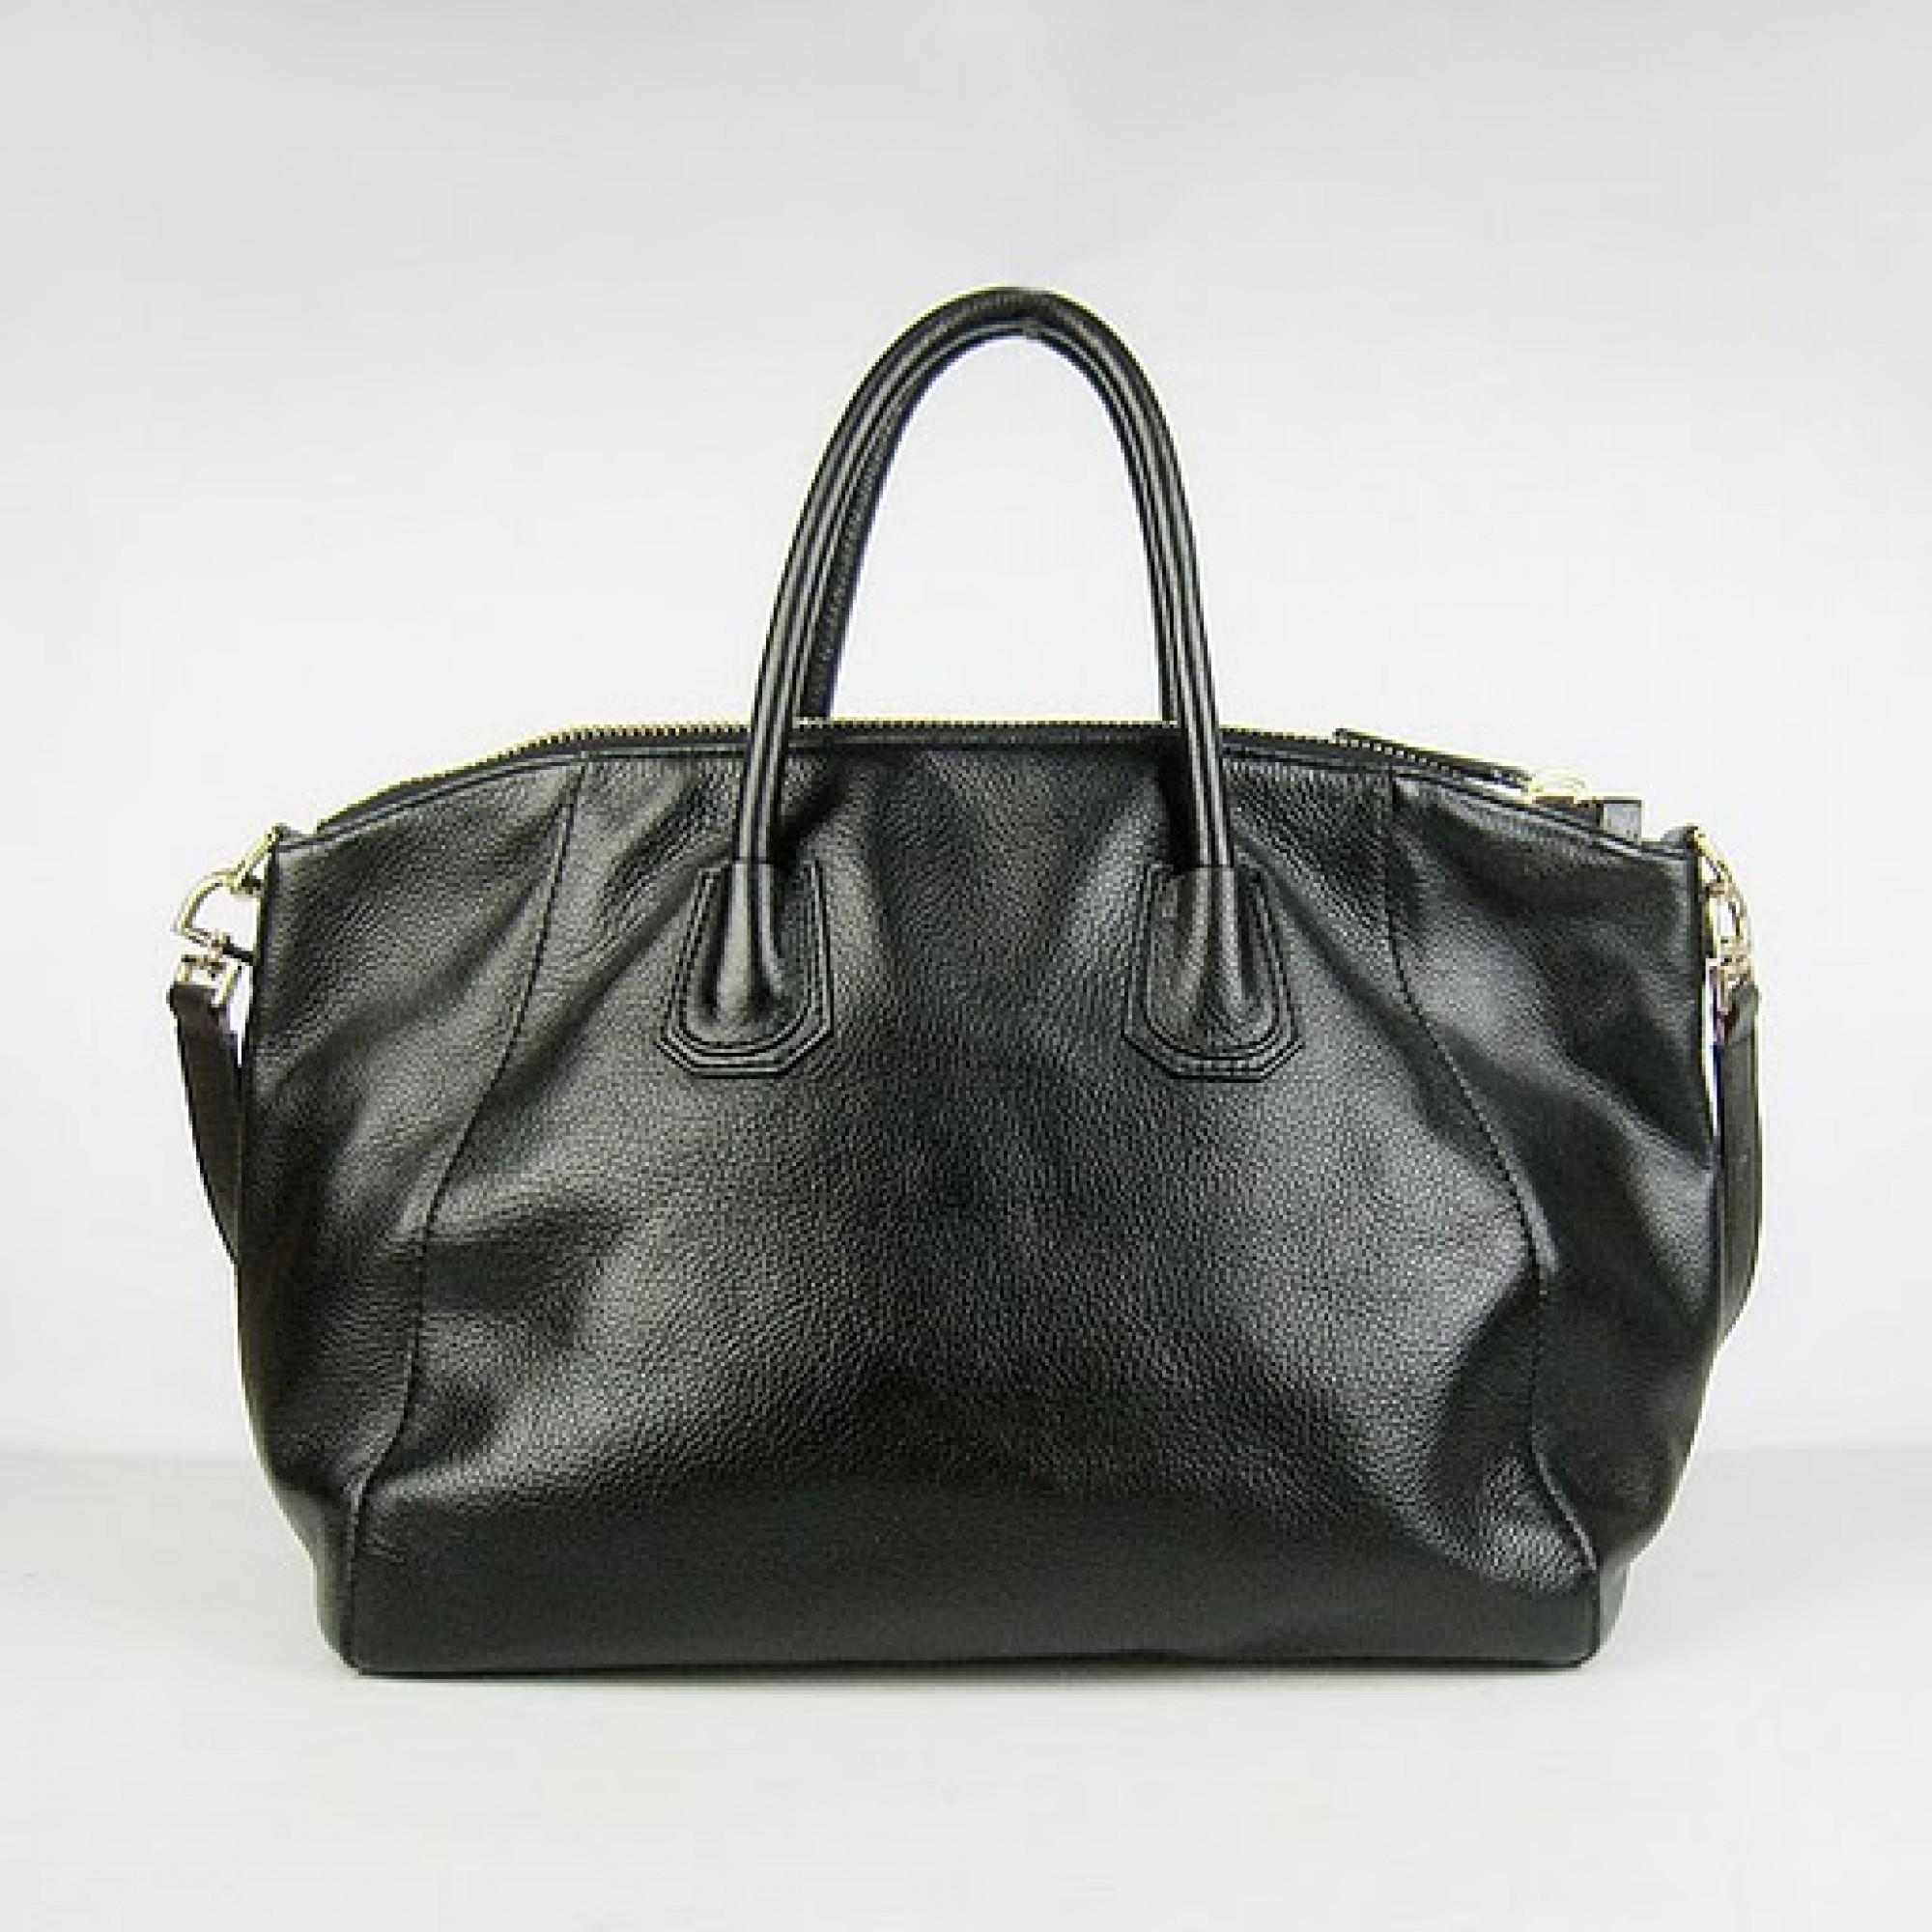 bbde6aa5482f Купить черная кожаная сумка Givenchy — в Киеве, код товара 4862